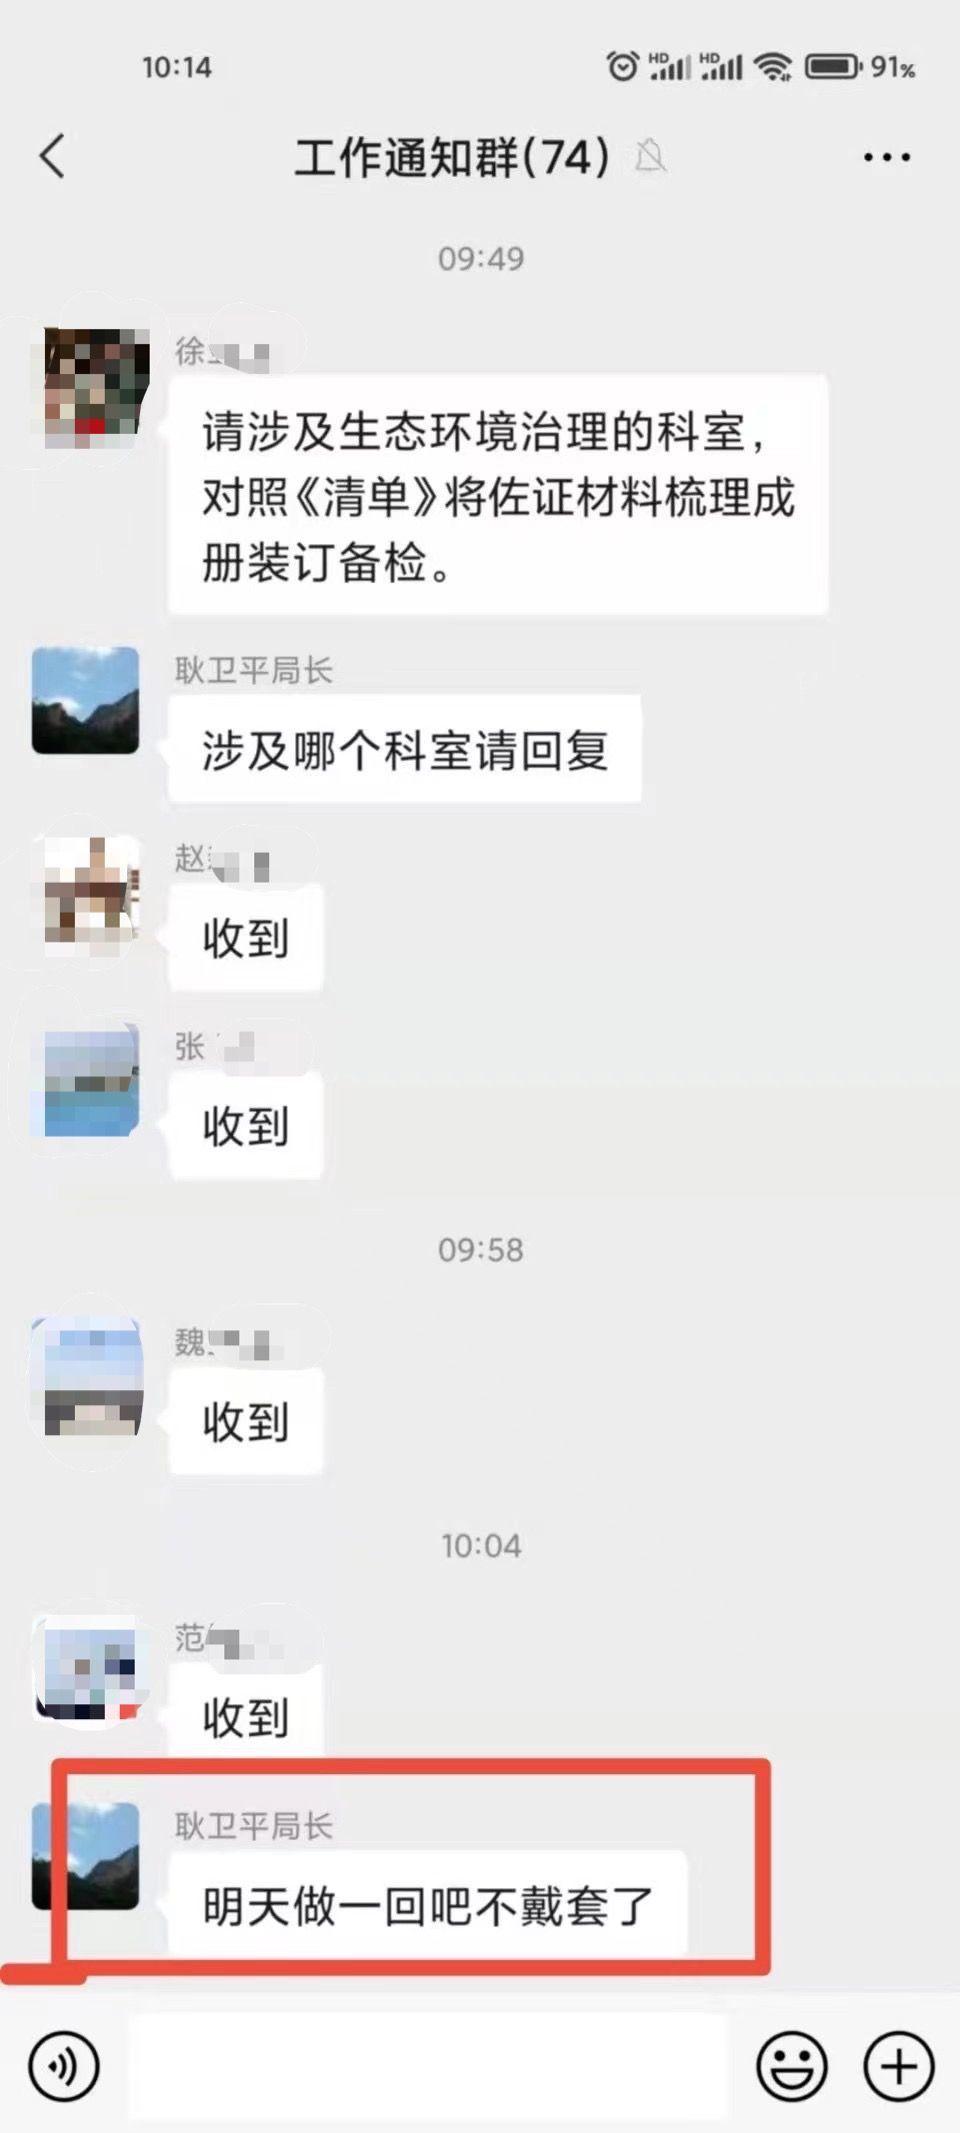 河北邢臺一局長在工作群發情色消息 市委書記稱將轉給紀委核實